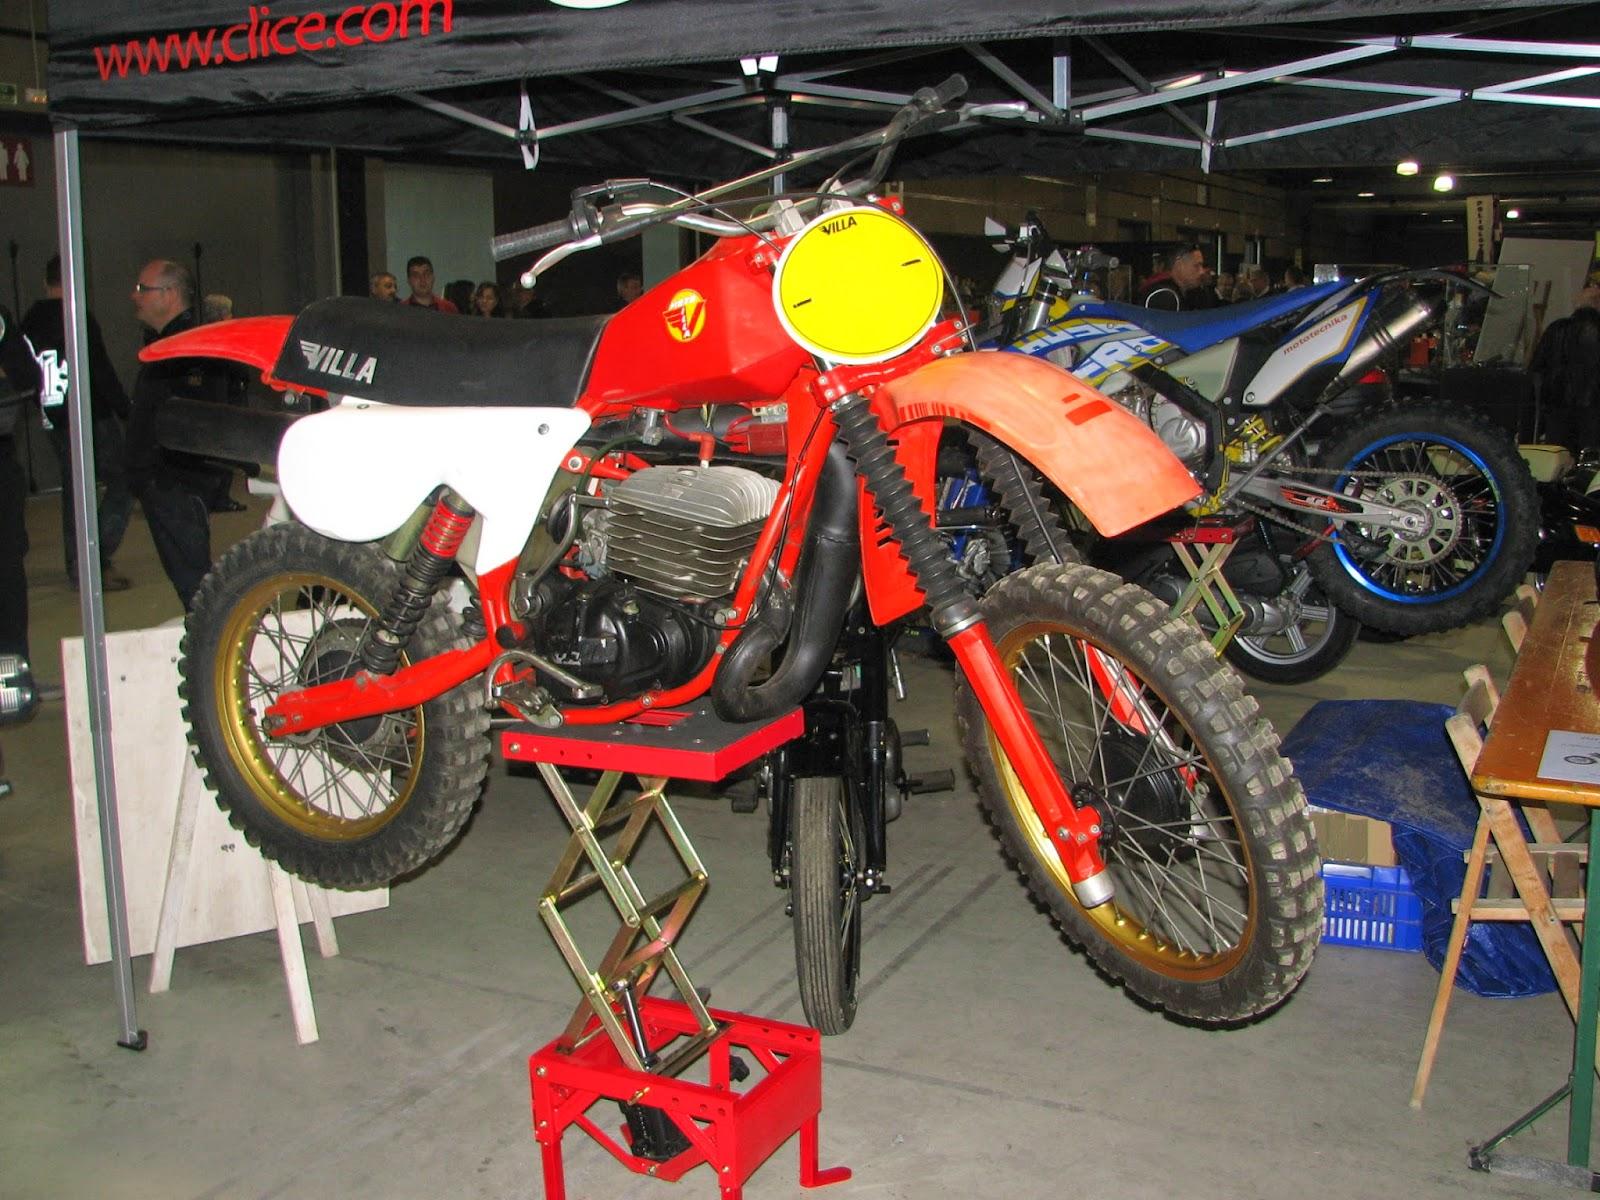 El mundo de la moto: junio 2014